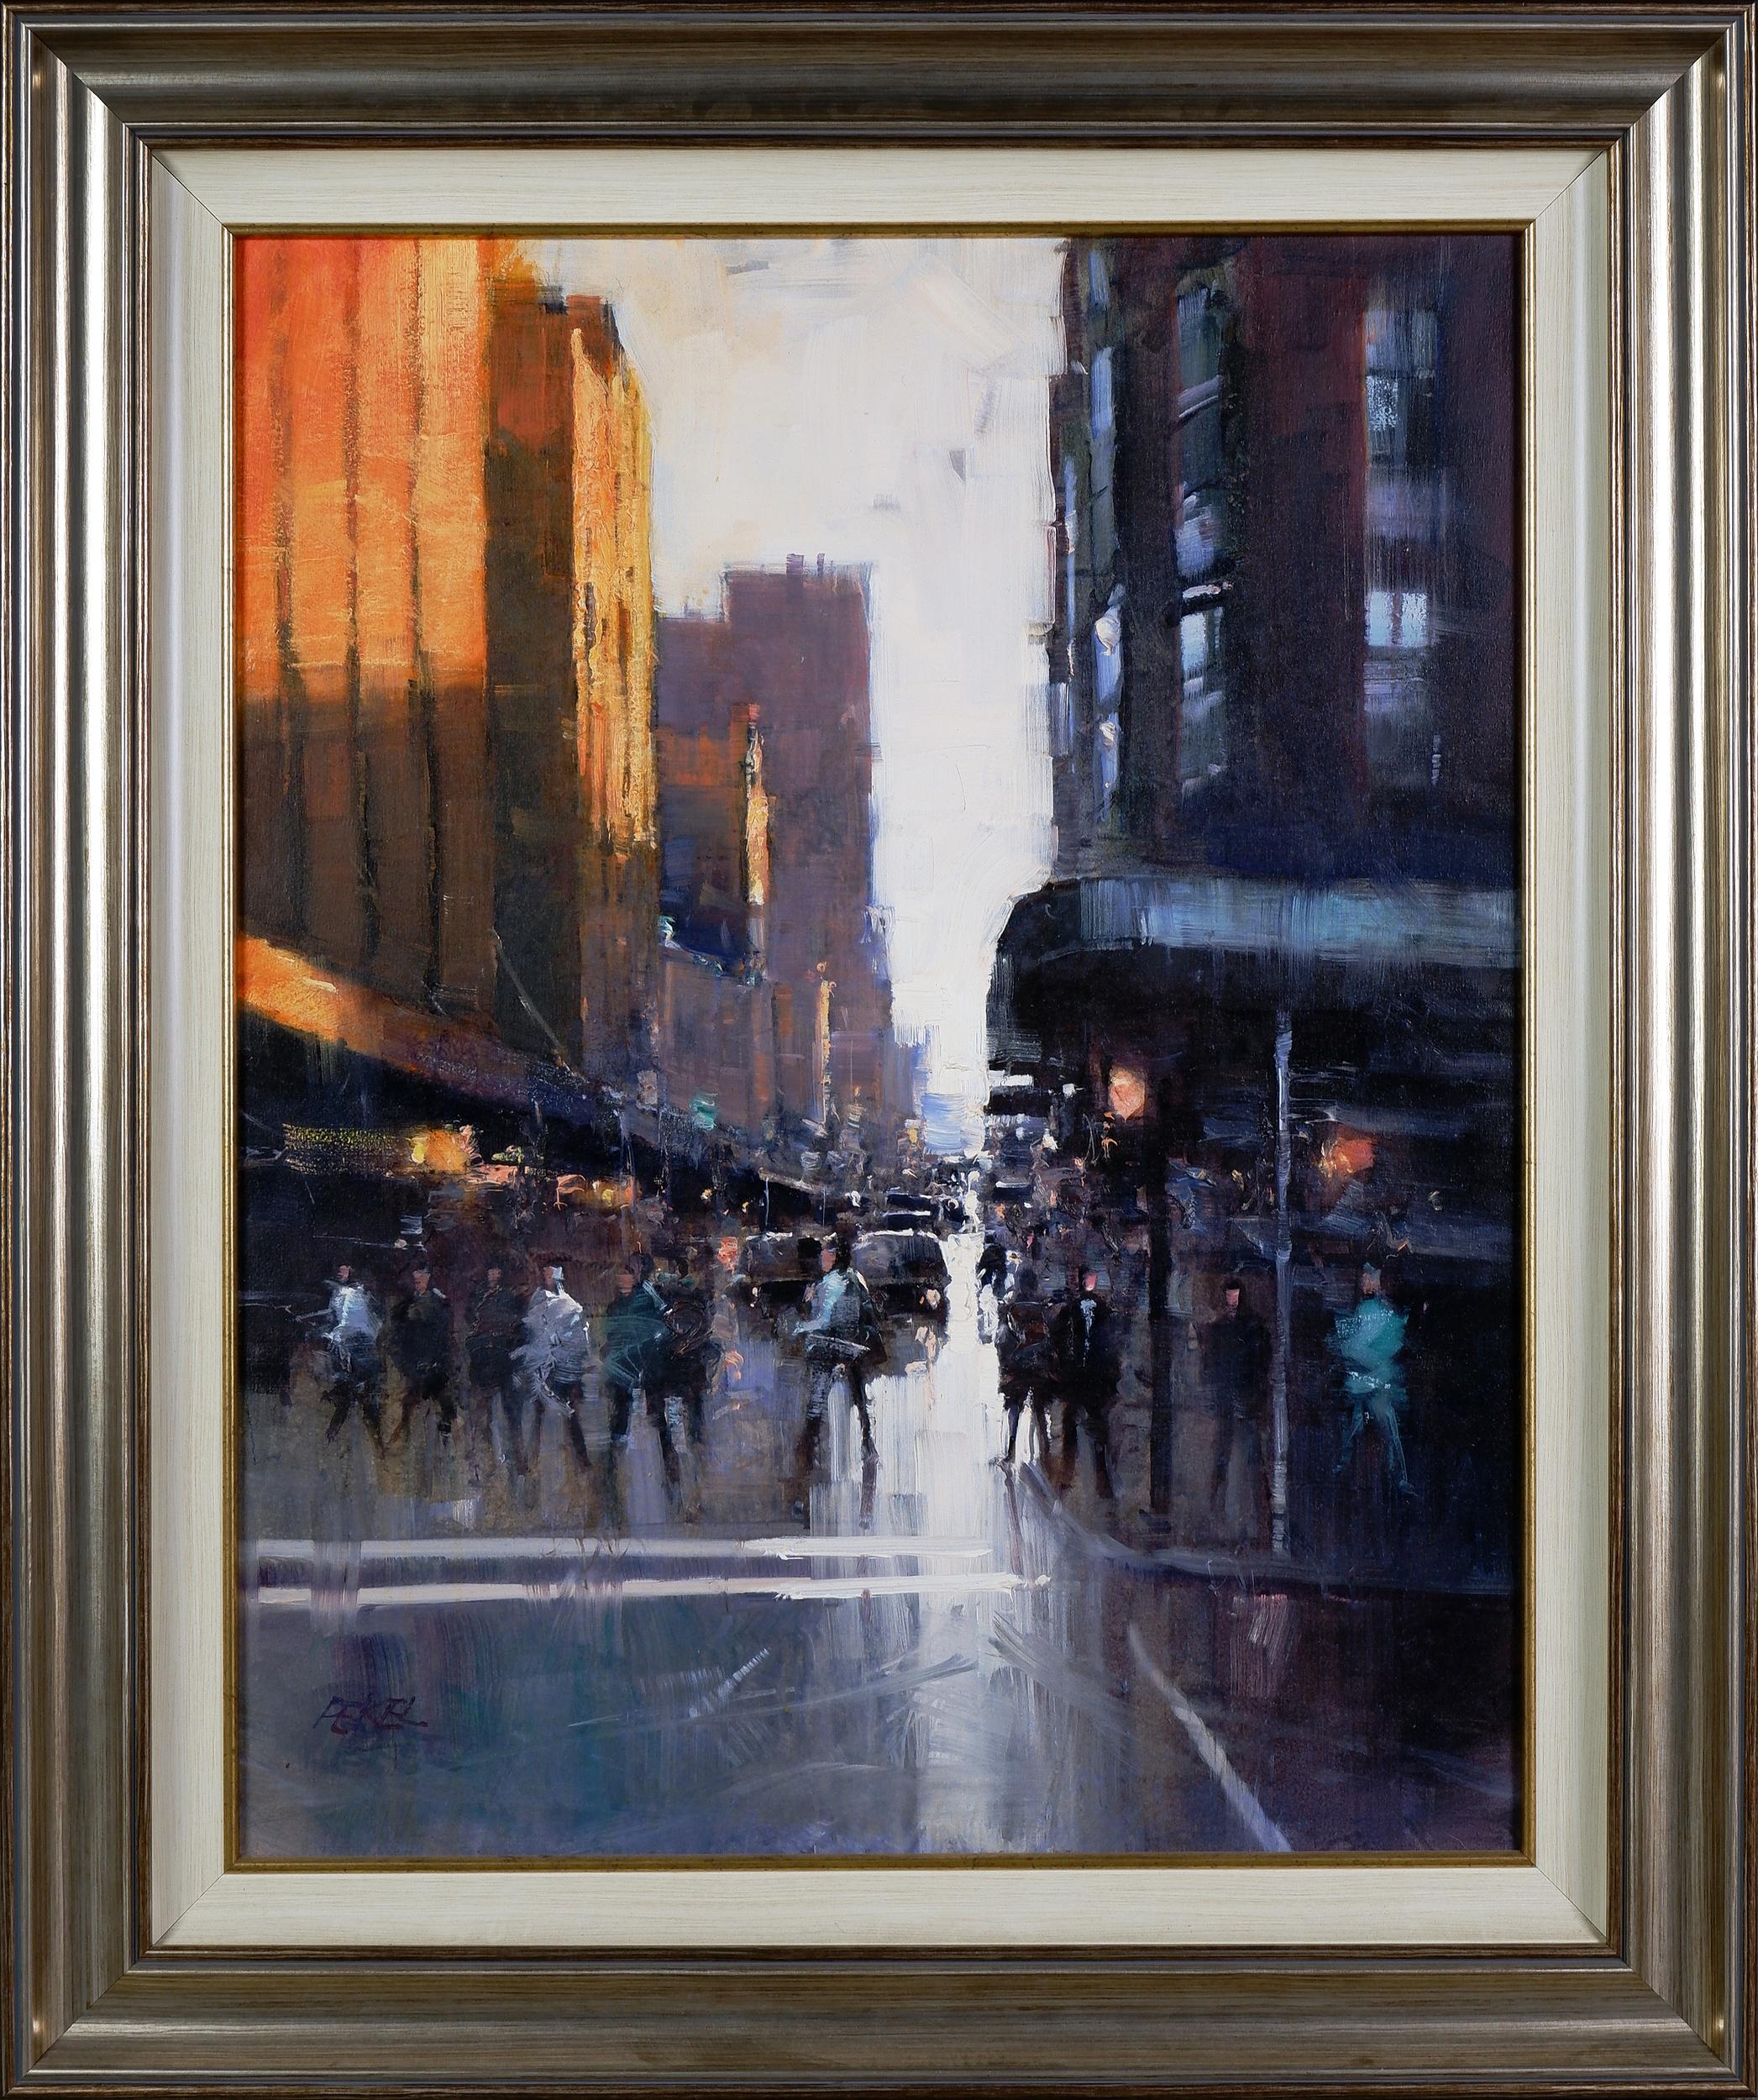 'Herman Pekel (born 1956), Untitled (City Street Scene), Oil on Canvas'